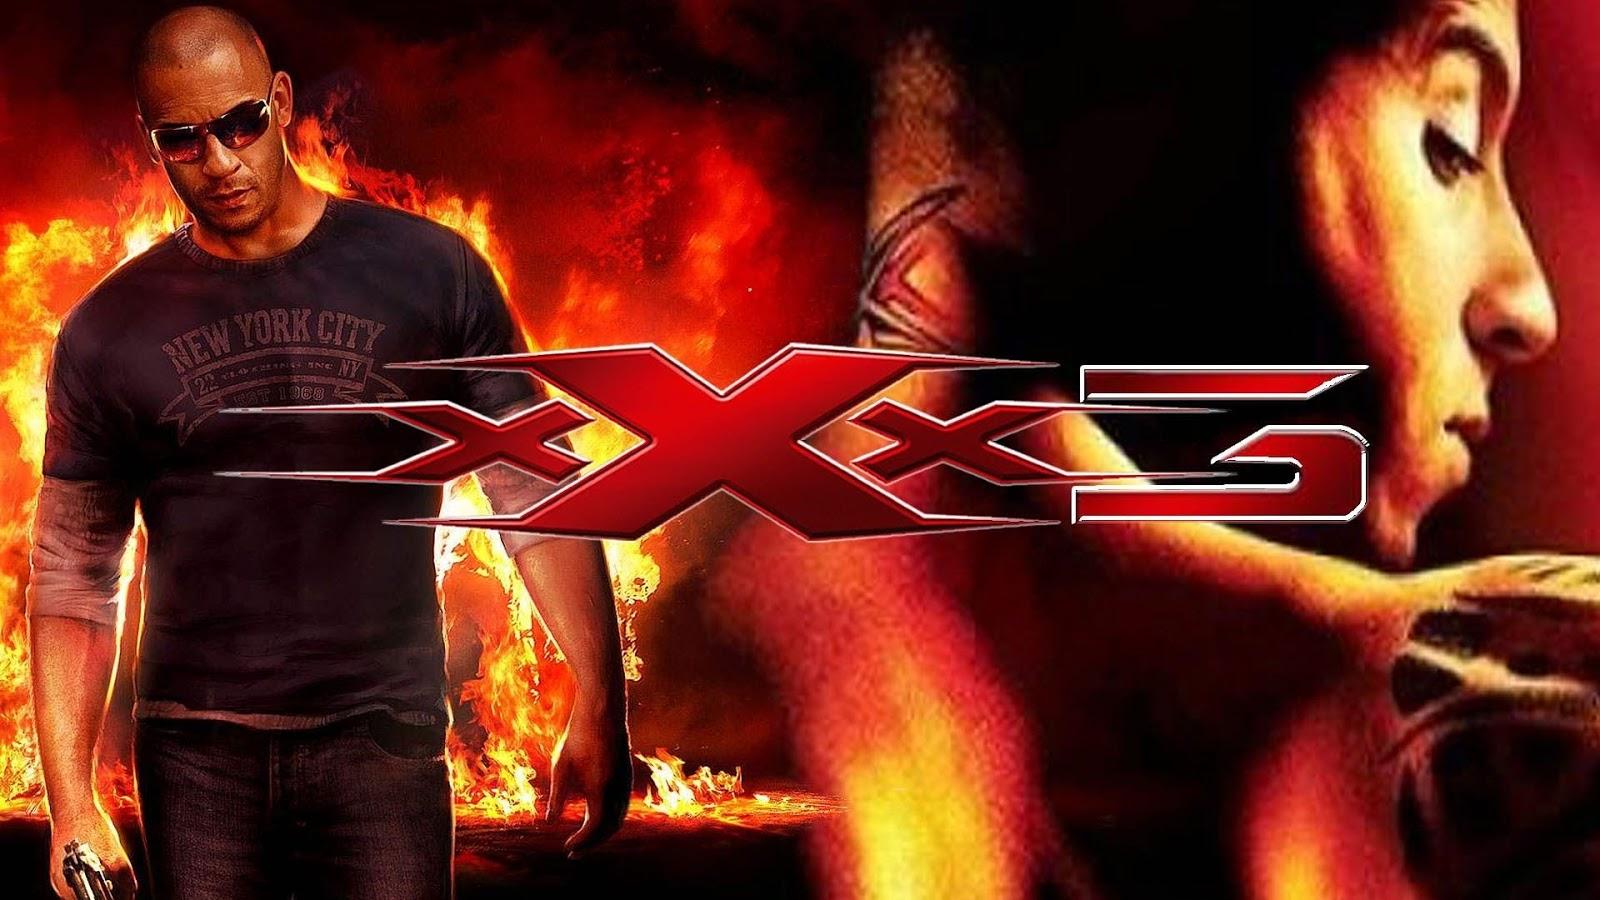 phim Điệp viên xxx 3: Sự trở lại của Xander Cage full vietsub